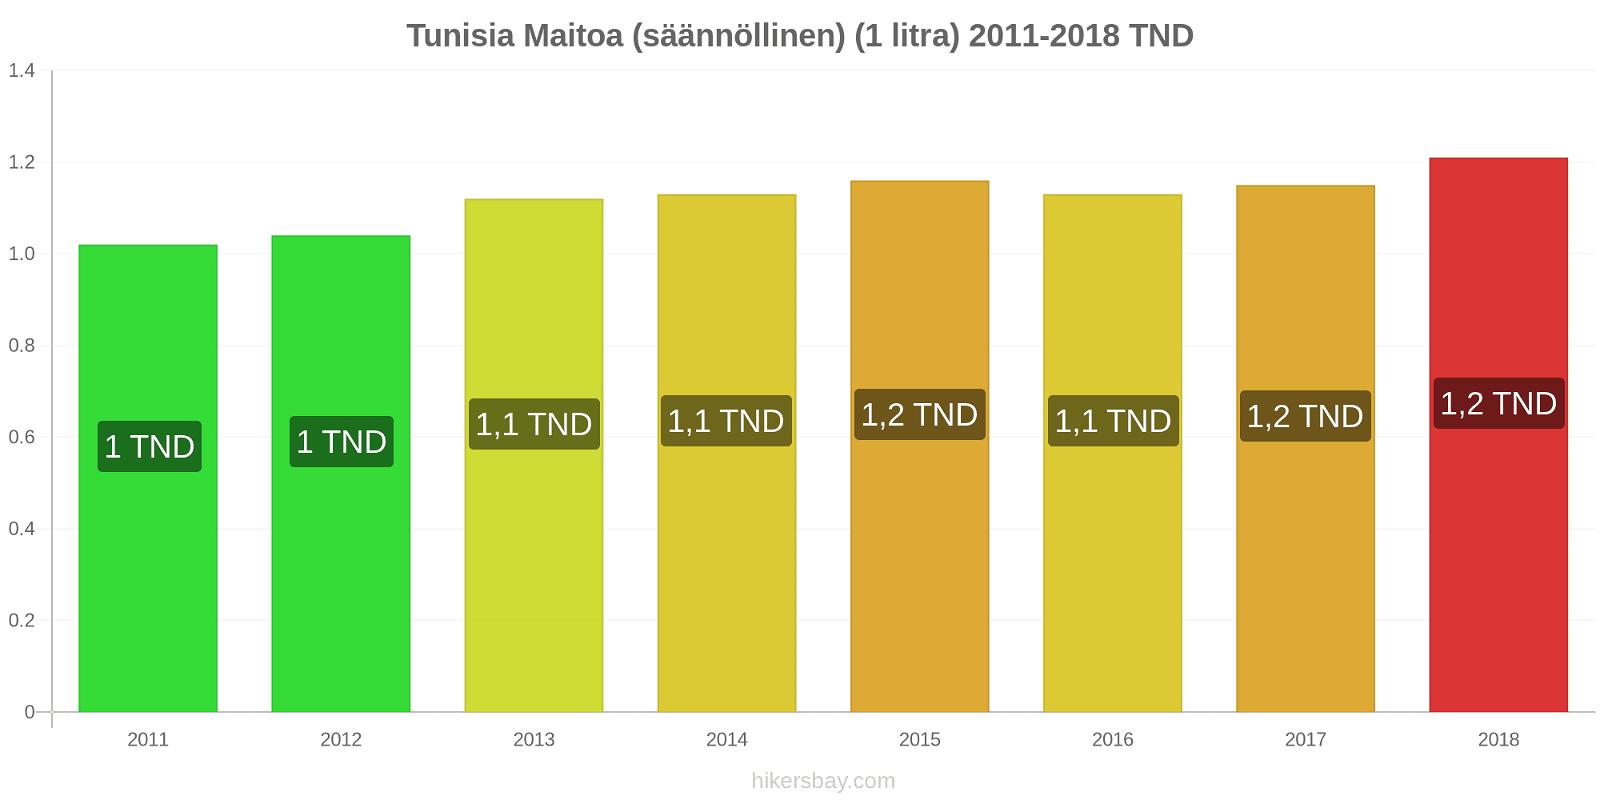 Tunisia hintojen muutokset Maitoa (säännöllinen) (1 litra) hikersbay.com